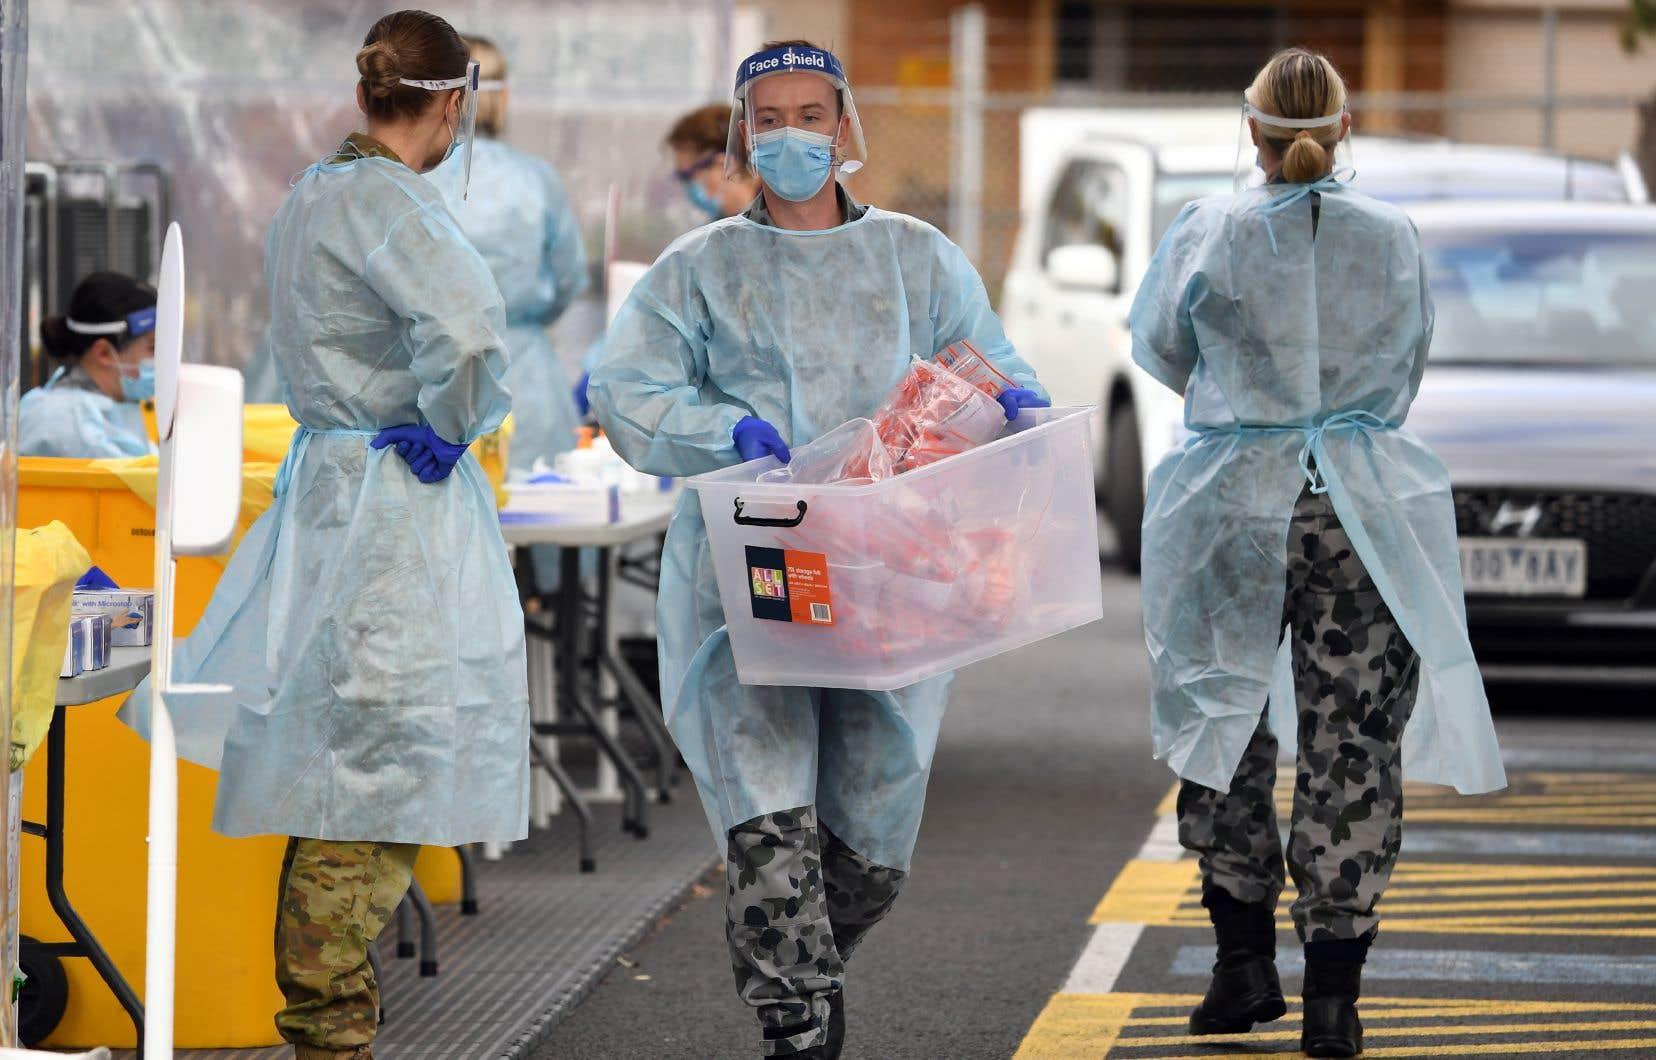 Depuis une semaine — la pire en termes d'infections depuis le début de l'épidémie — le nombre de contaminations dépasse les 160000 par jour, selon l'OMS.